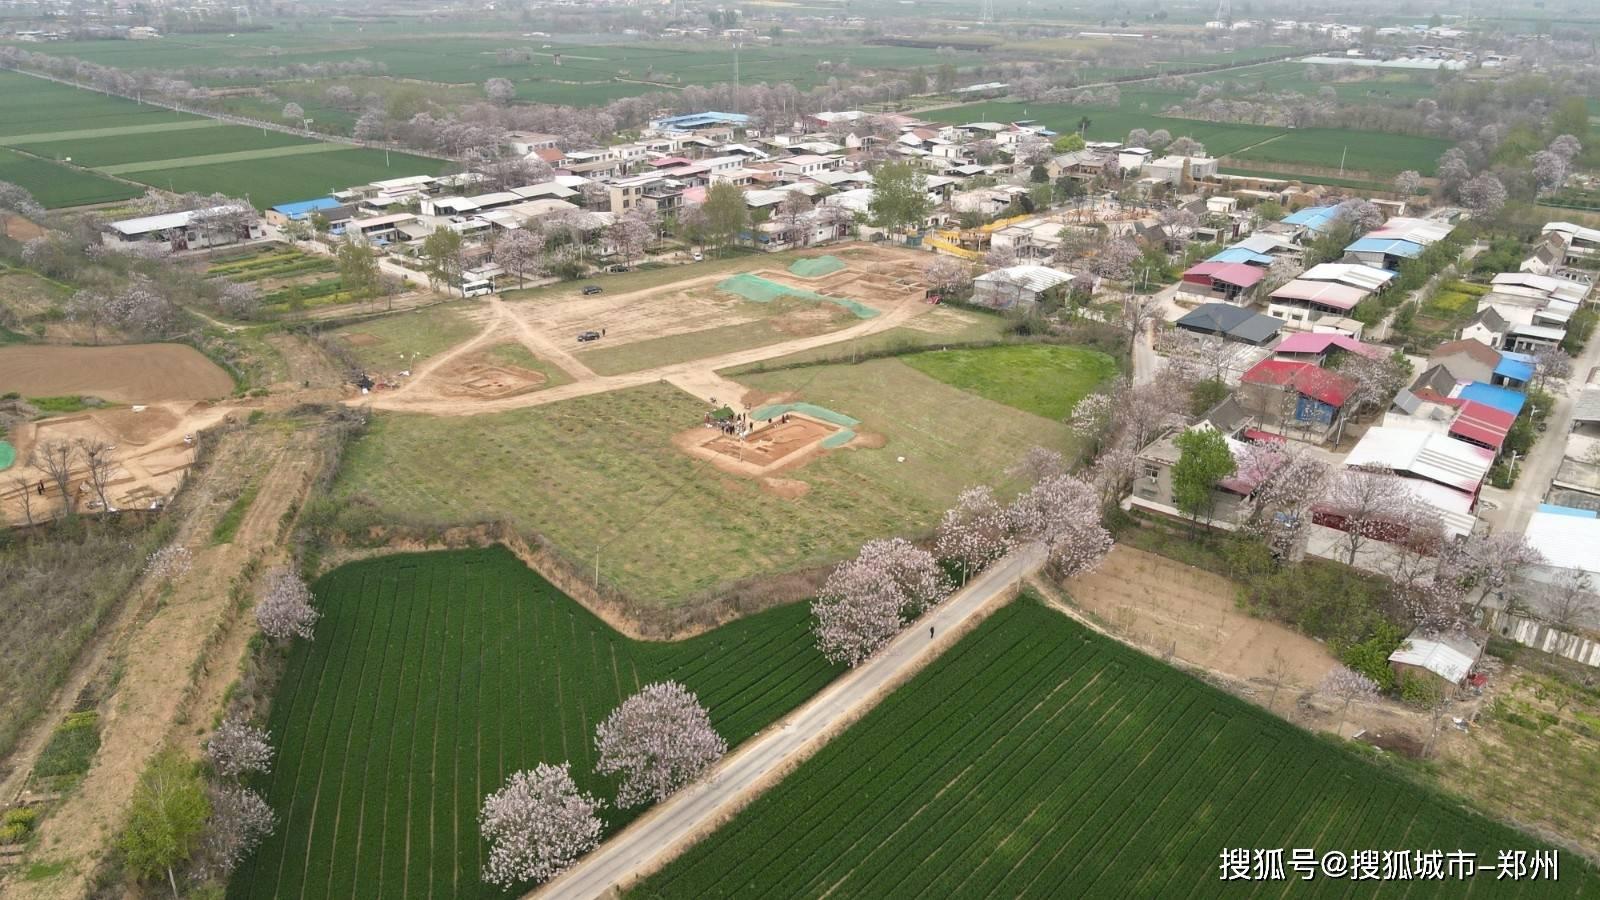 8000年裴李岗文明圣火照亮历史征程